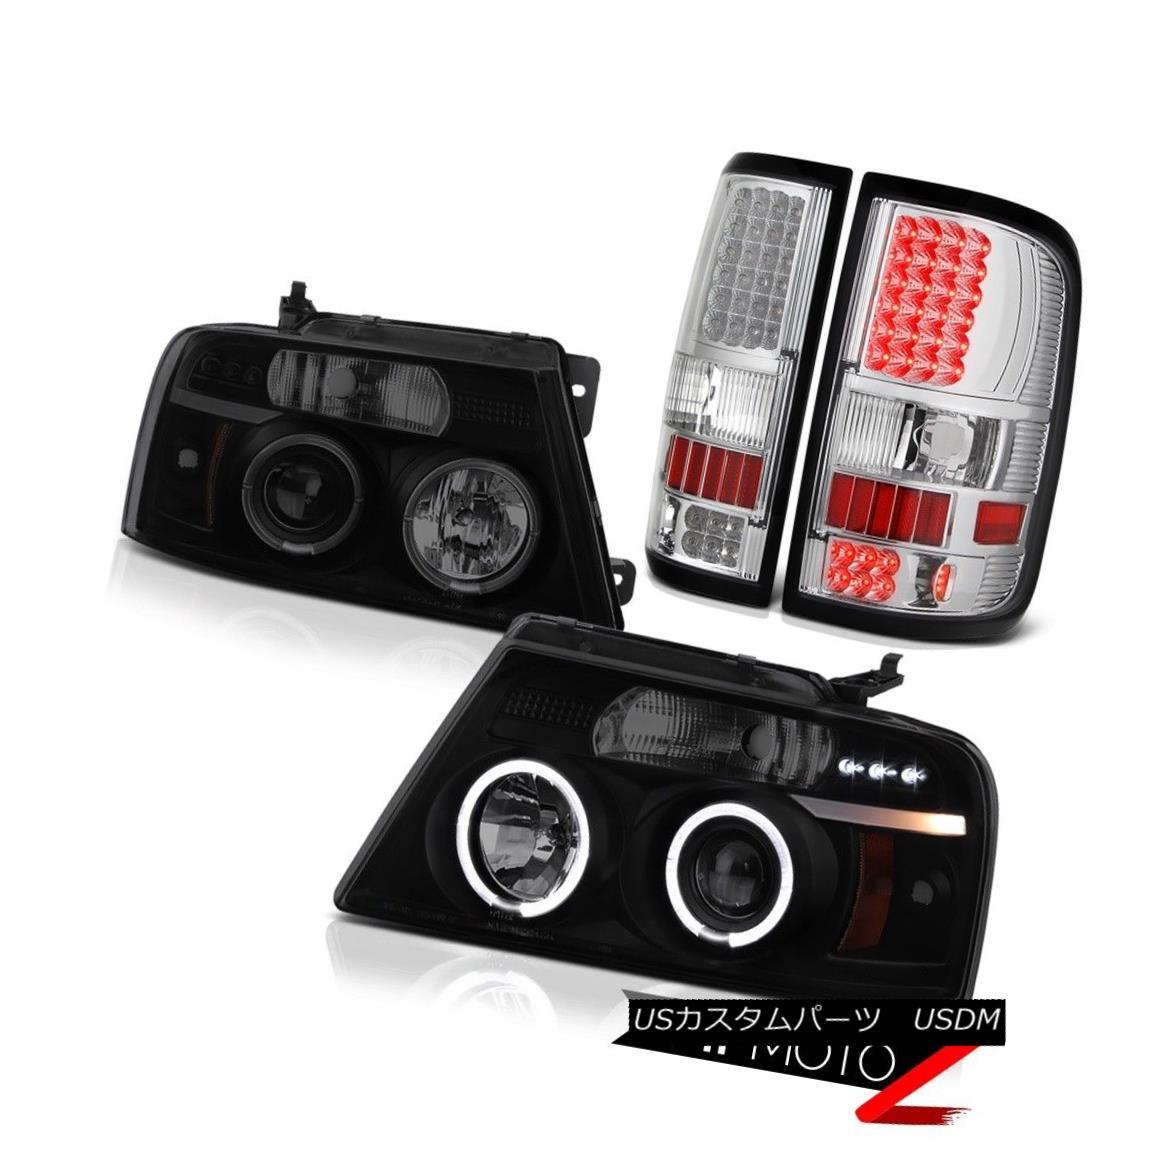 ヘッドライト Angel Eye Projector Headlights Altezza LED Tail Lights 2004-2008 Ford F150 Lobo エンジェルアイプロジェクターヘッドライトAltezza LEDテールライト2004-2008 Ford F150 Lobo